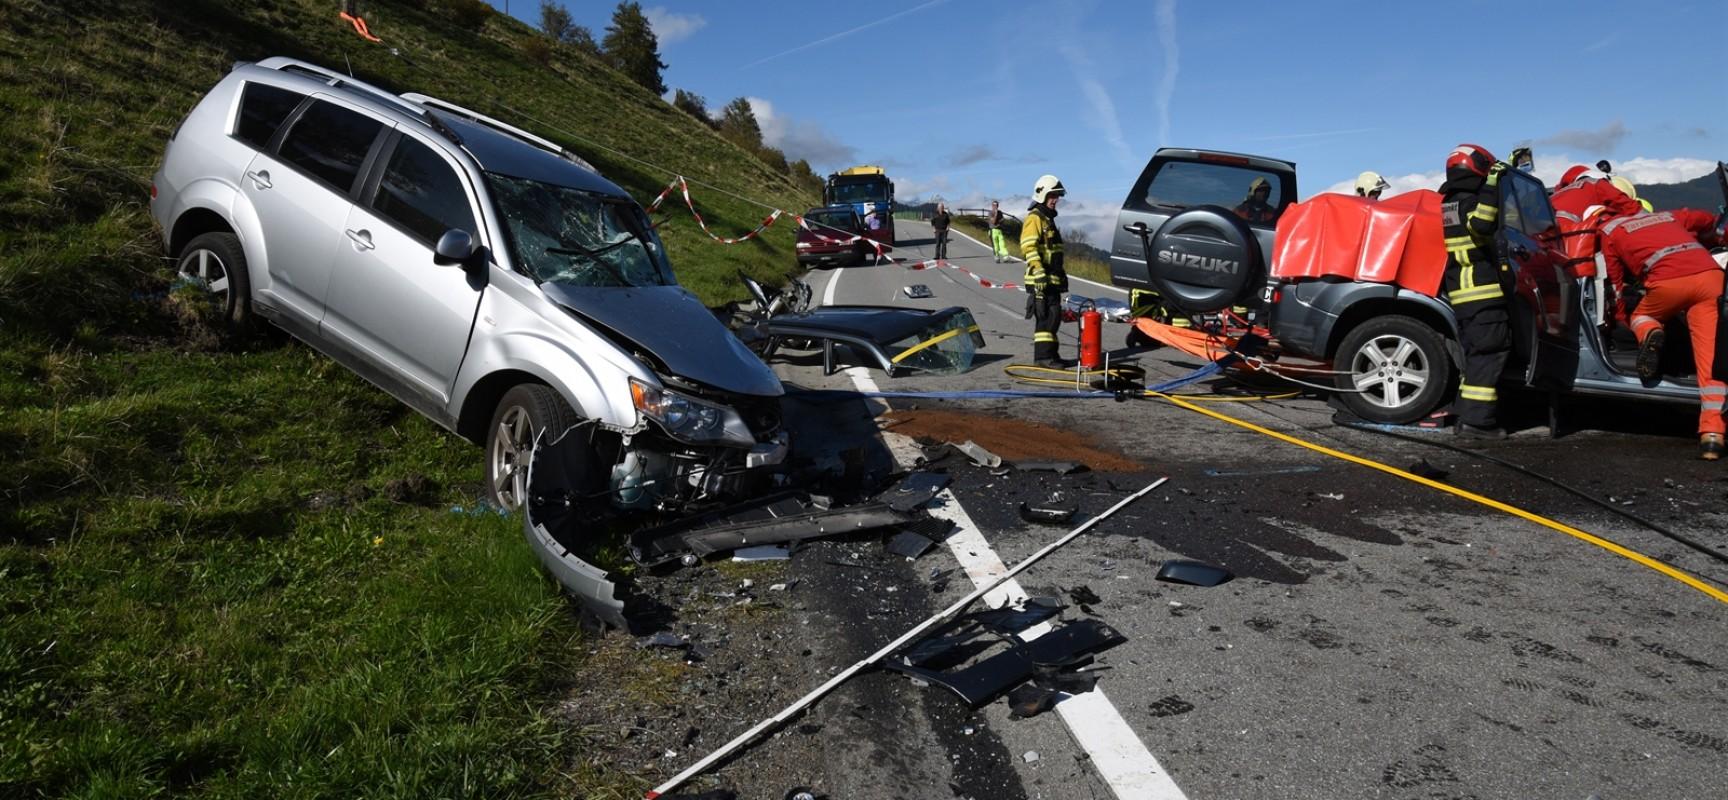 Sarn: Zwei Verletzte nach Frontalkollision auf der Heinzenbergstrasse